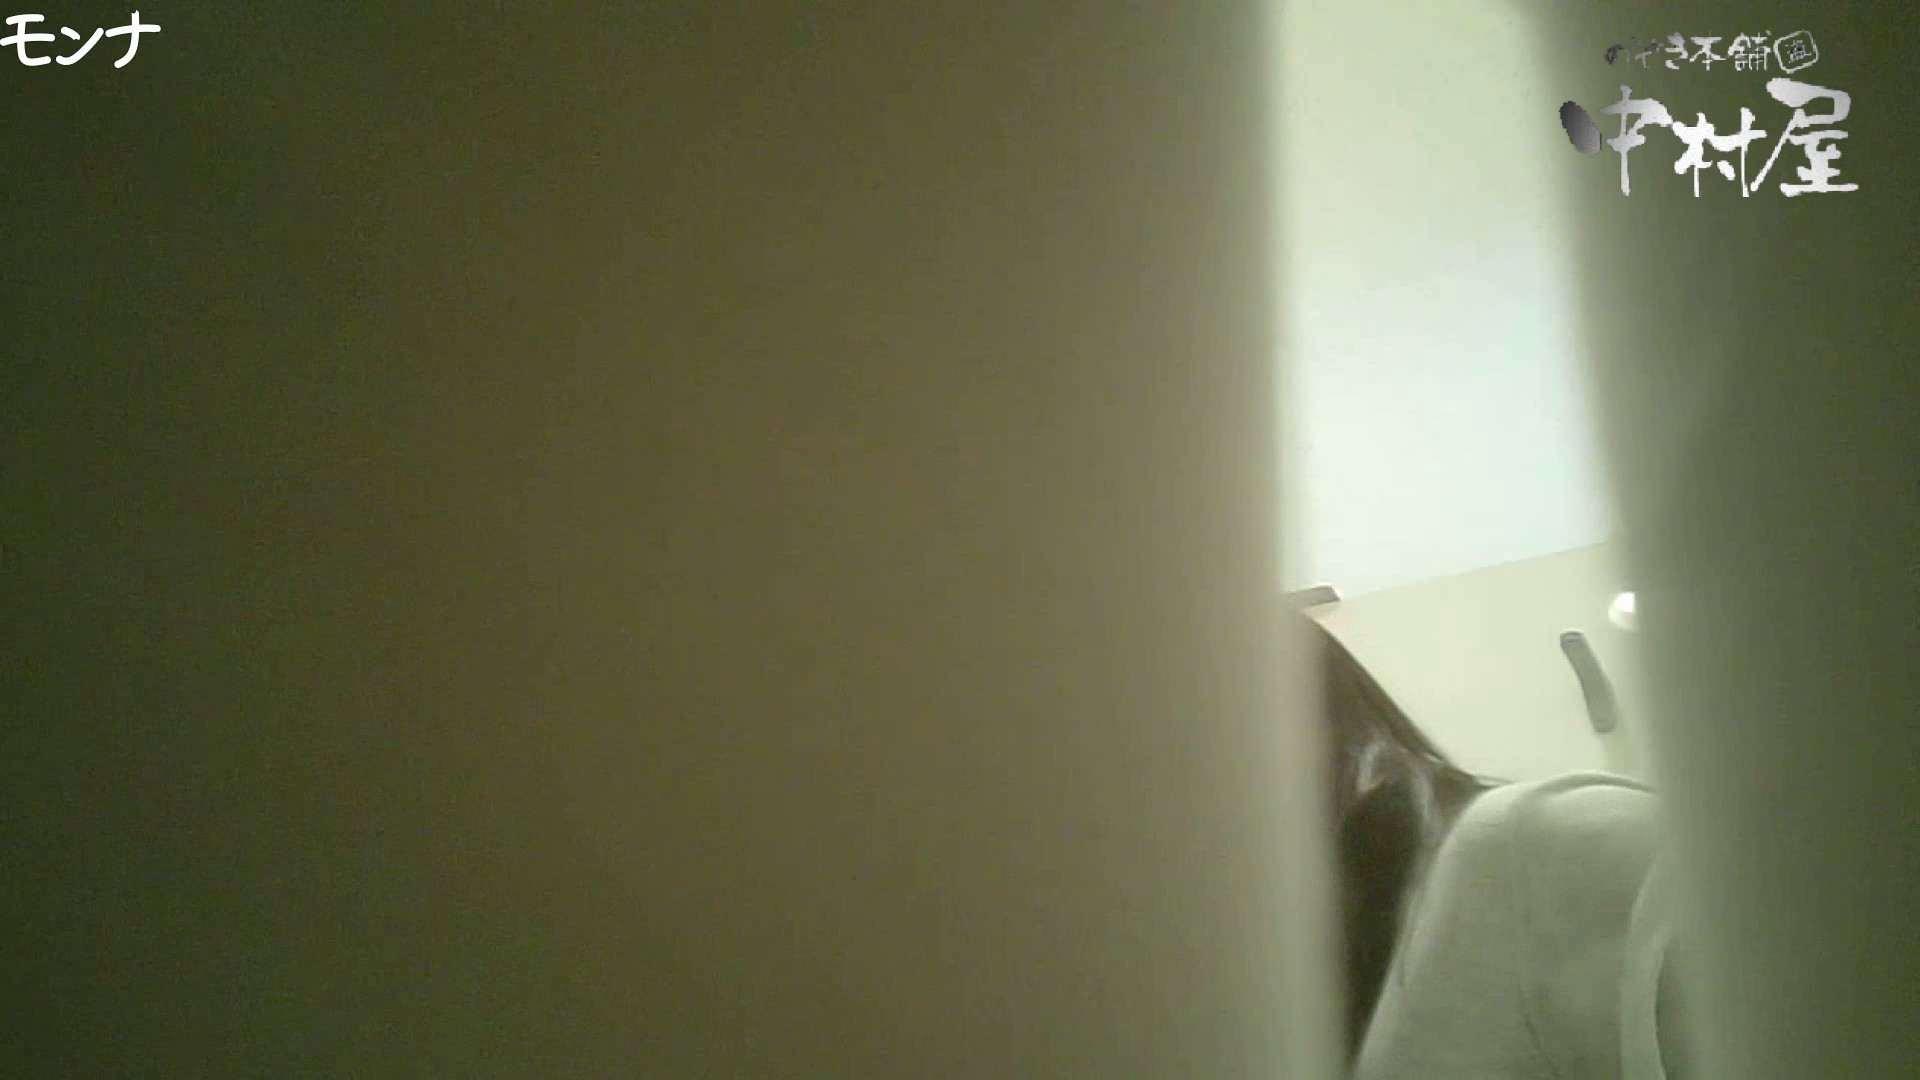 有名大学女性洗面所 vol.65 秘技!!マルチアングル天井撮り!! 洗面所 盗撮えろ無修正画像 66PICs 16